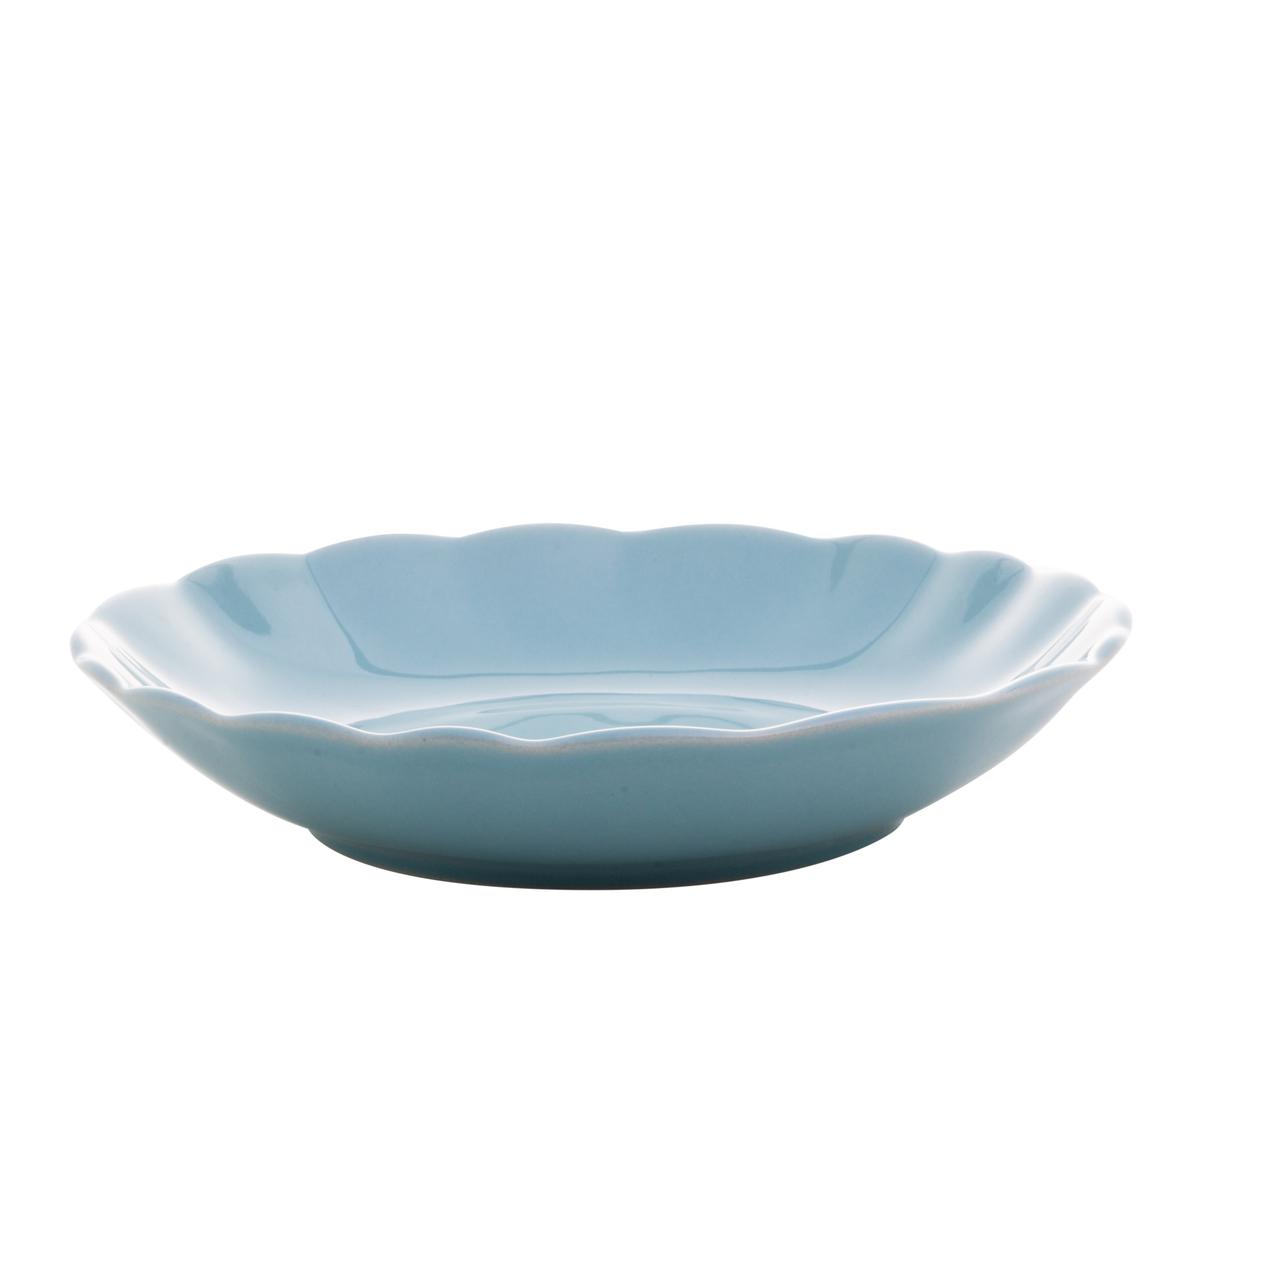 Jogo 6 pratos 20 cm fundo de cerâmica Bergama Mint Wolff - 17520